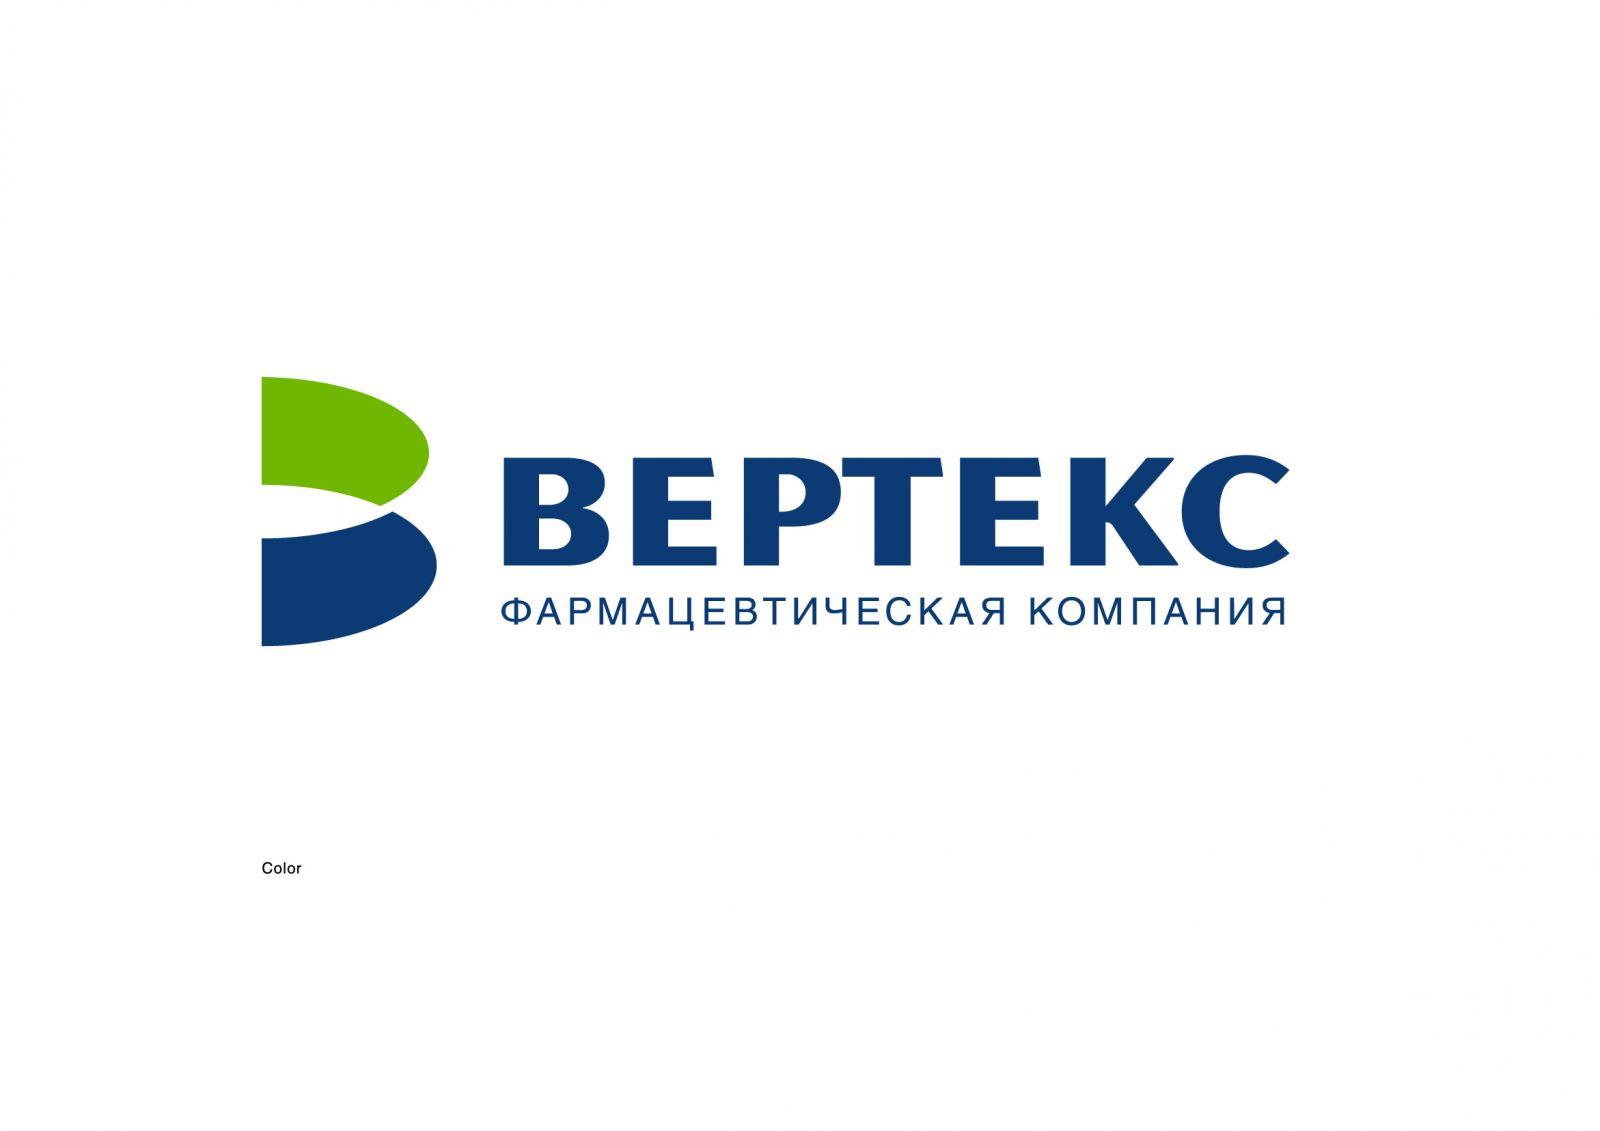 """Компания """"Вертекс"""" получила разрешение на строительство завода!"""